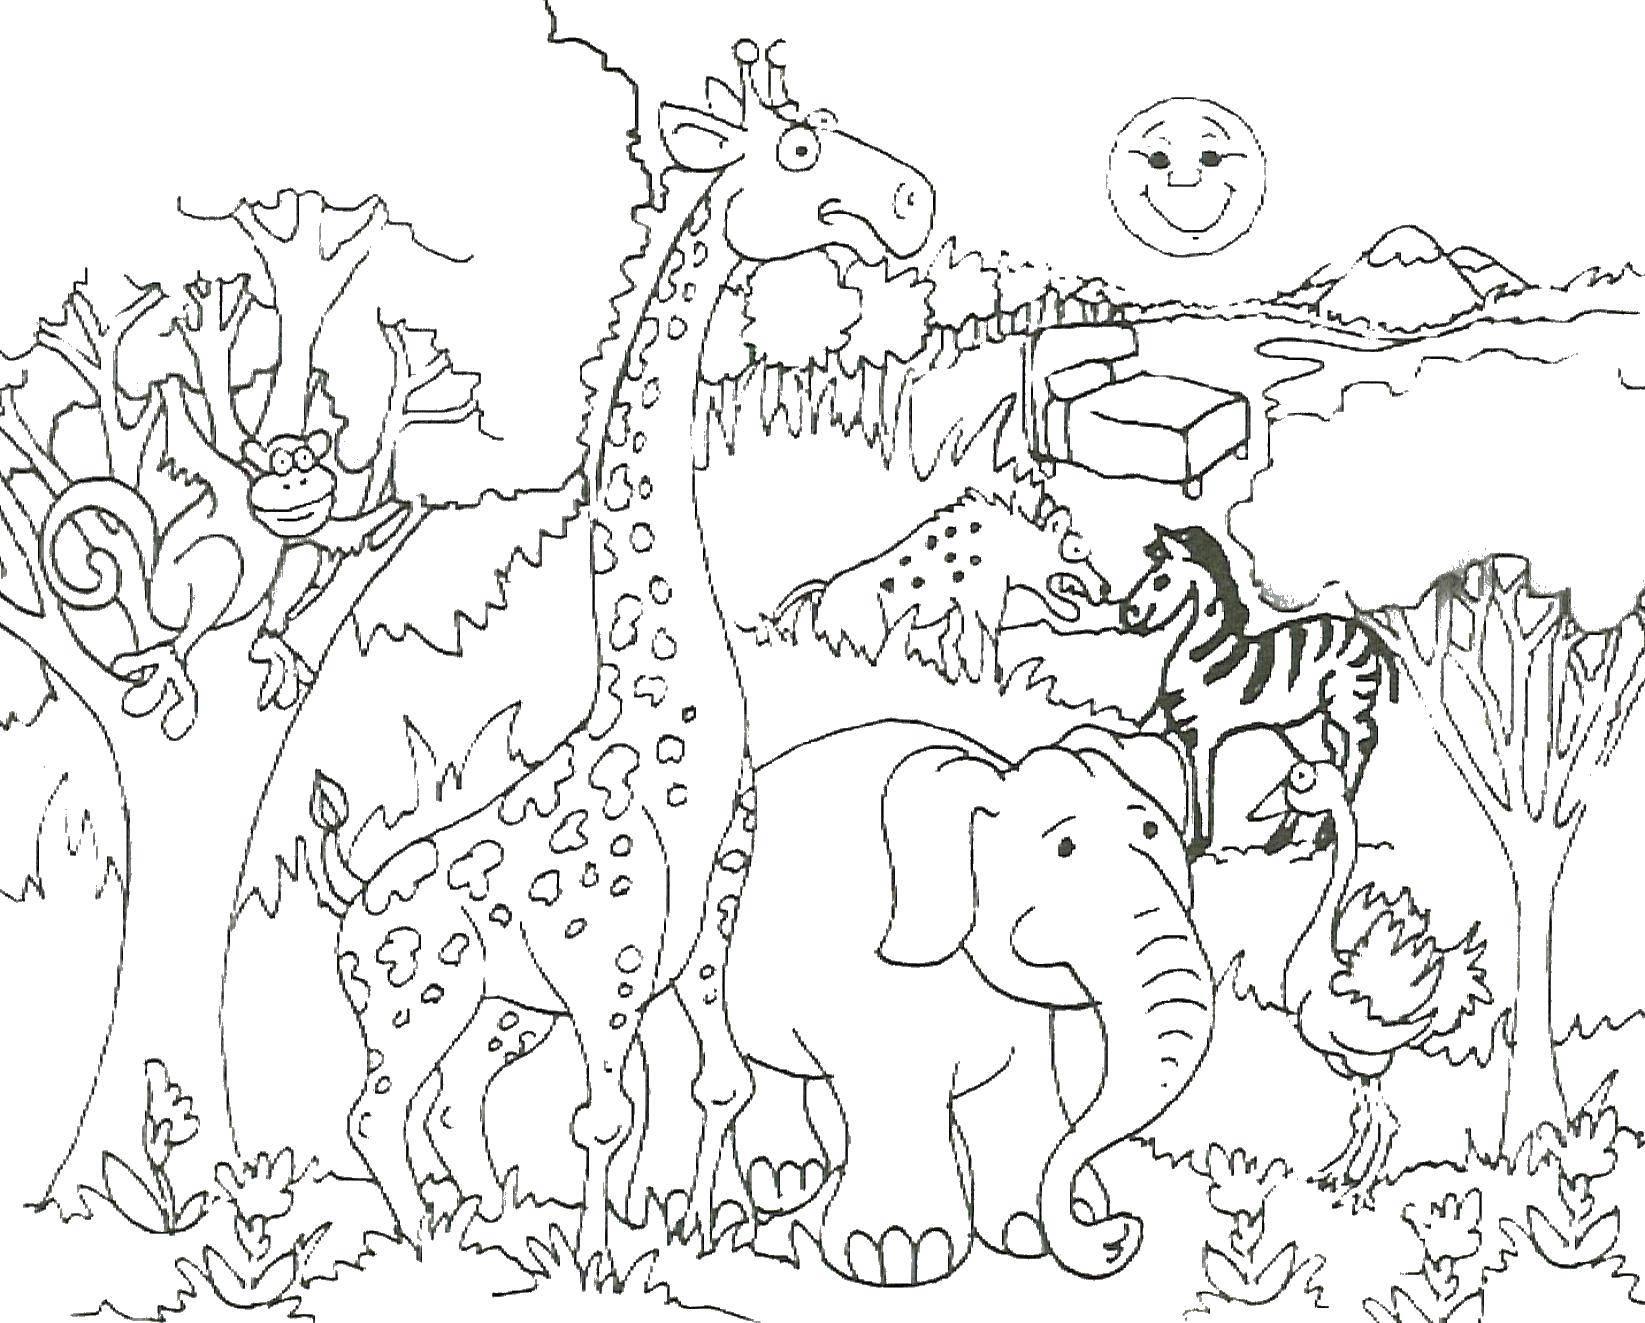 Слон, жираф, страус, обезьяна, зебра